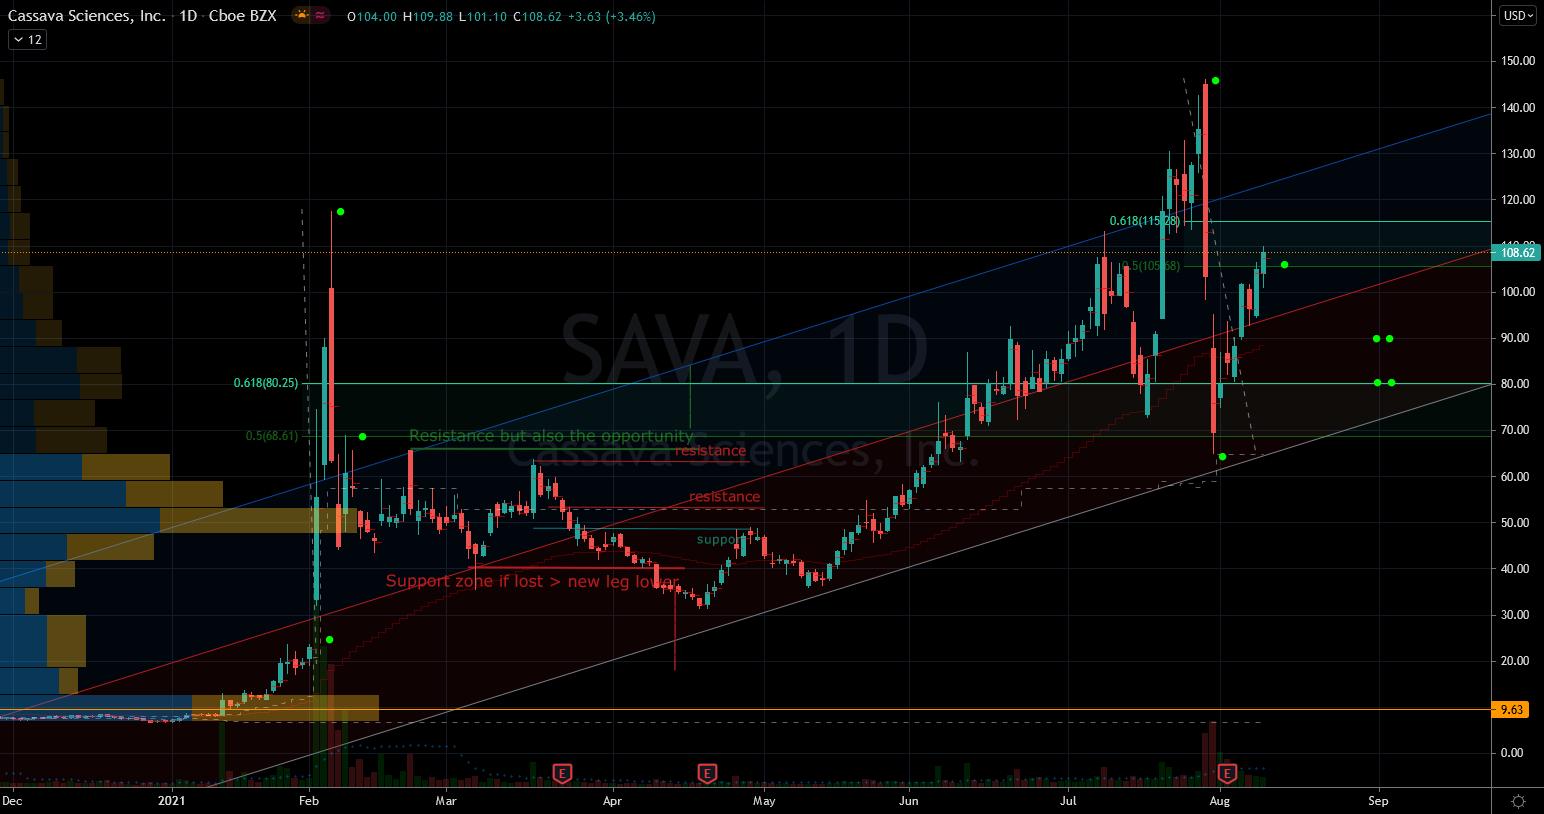 Cassava (SAVA) Stock Chart Showing Wild Swings